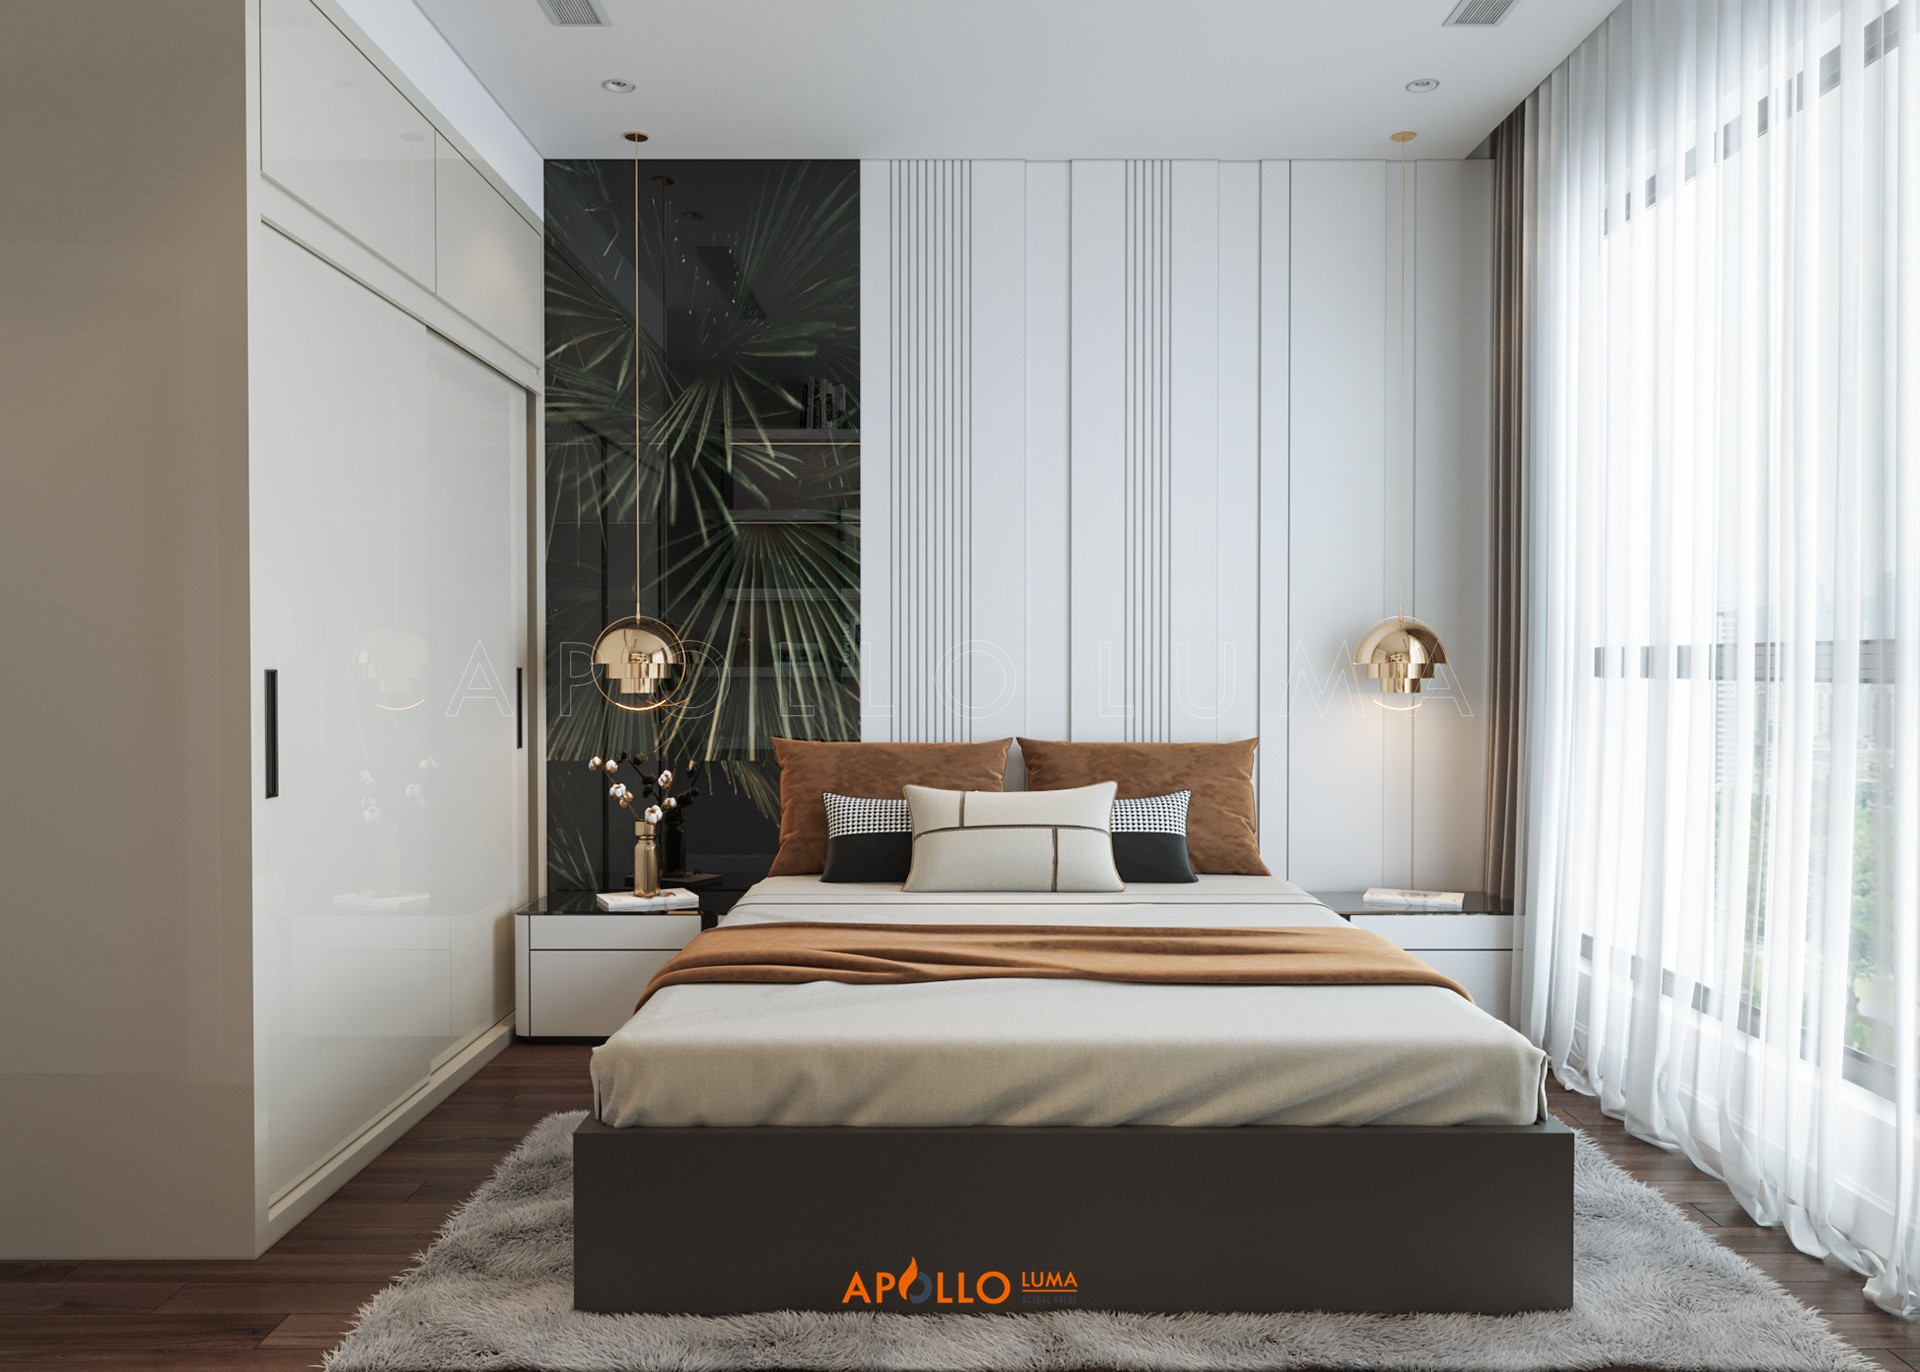 Thiết kế phòng ngủ phong cách Minimalism căn hộ Vinhomes West Point